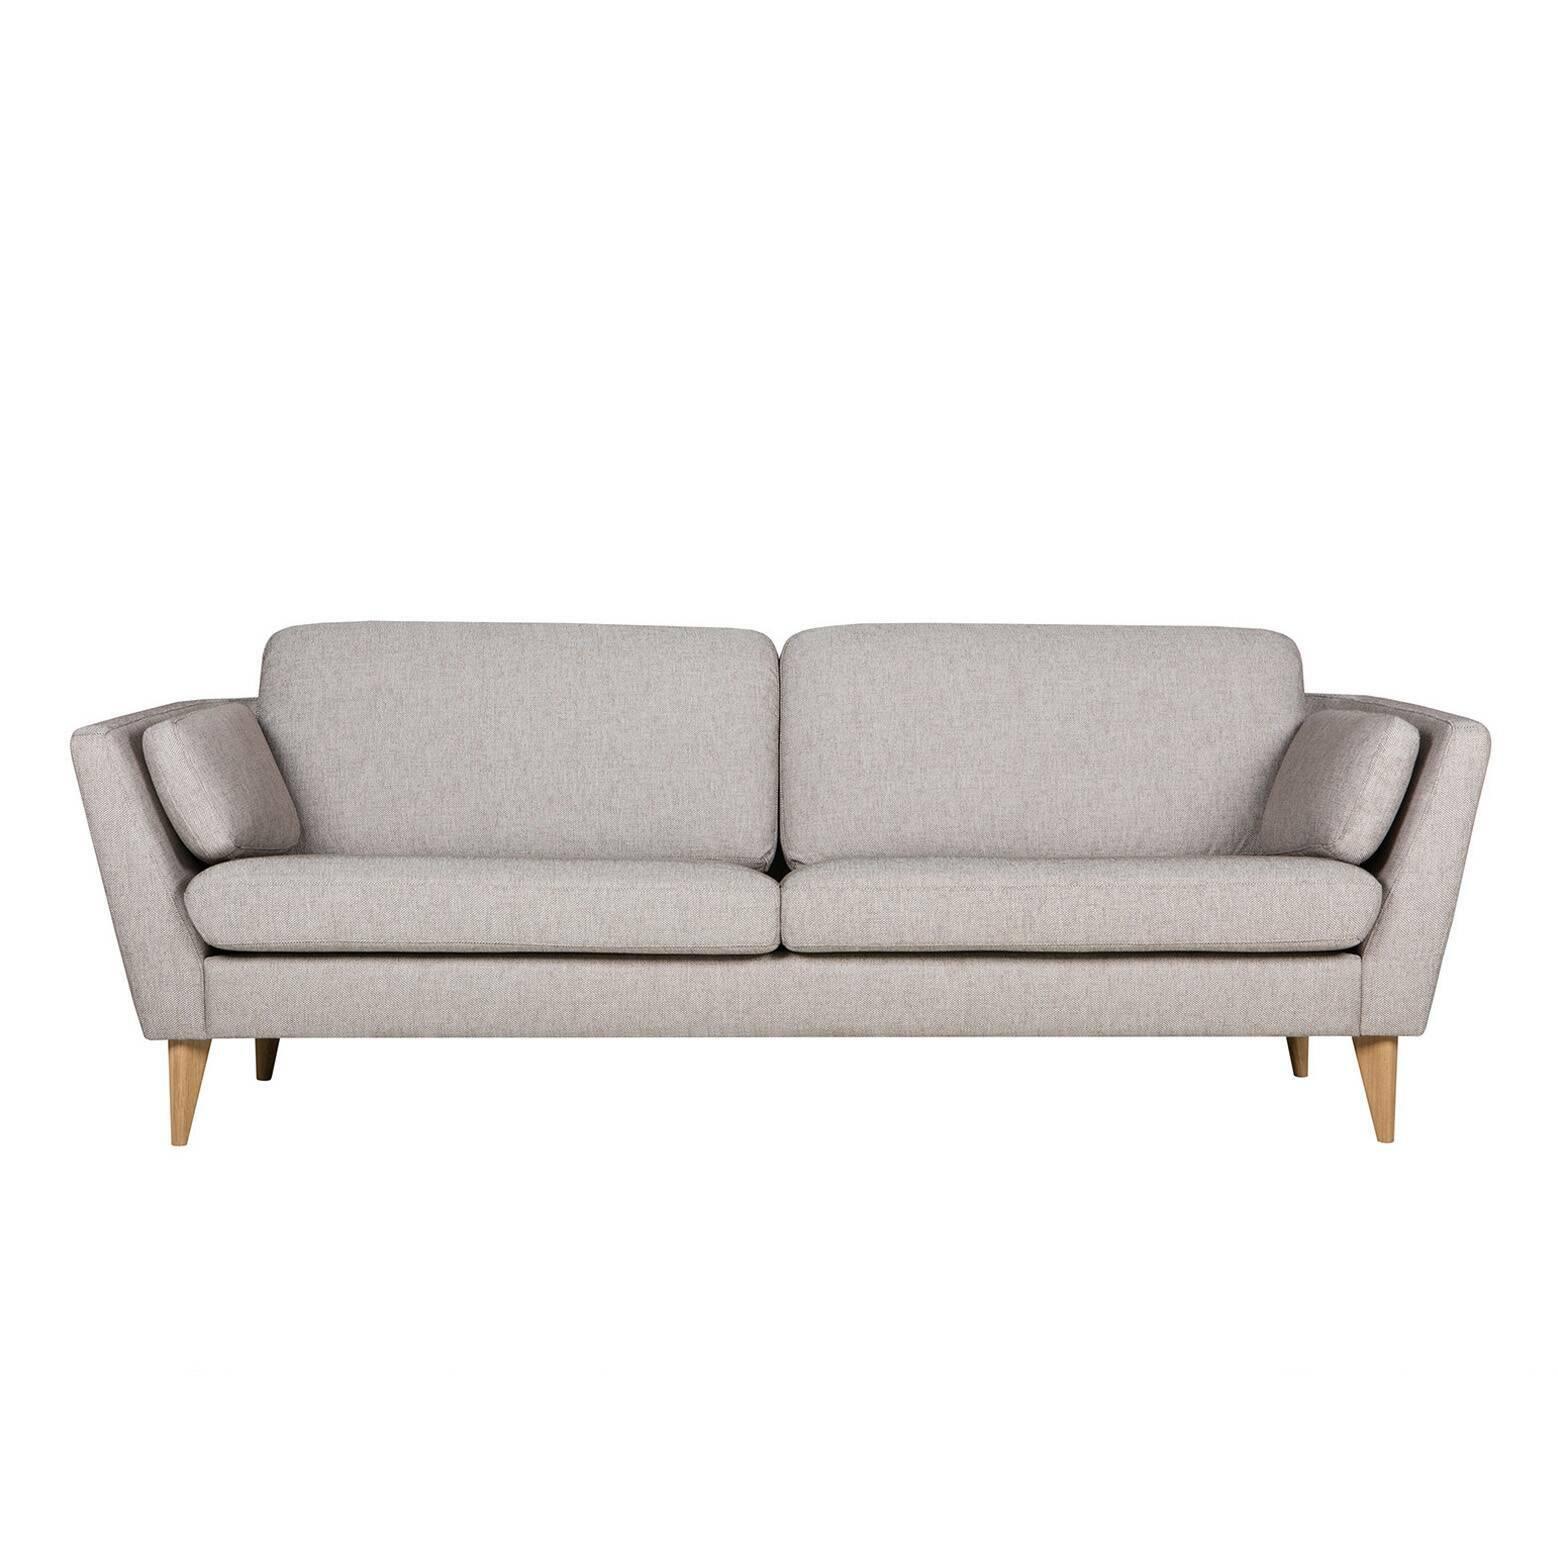 Диван Mynta ширина 220Трехместные<br>Подбирая подходящую мягкую мебель в свою гостиную комнату или домашний кабинет, следует помнить о том, что такая мебель станет залогом уюта и хорошего, спокойного настроения, ведь именно мягкая мебель отвечает за наш отдых и хорошее самочувствие в перерыве между работой. Диван Mynta ширина 220 — это замечательное творение дизайнеров компании Sits, в котором присутствуют легкие шведские черты, а традиционные классические формы тесно переплетаются с современными дизайнерскими решениями.<br><br>...<br><br>stock: 0<br>Высота: 82<br>Высота сиденья: 46<br>Глубина: 87<br>Длина: 220<br>Цвет ножек: Дуб<br>Материал обивки: Полиэстер, Хлопок, Акрил<br>Степень комфортности: Стандарт комфорт<br>Форма подлокотников: Стандарт<br>Коллекция ткани: Категория ткани II<br>Тип материала обивки: Ткань<br>Тип материала ножек: Дерево<br>Цвет обивки: Серо-бежевый